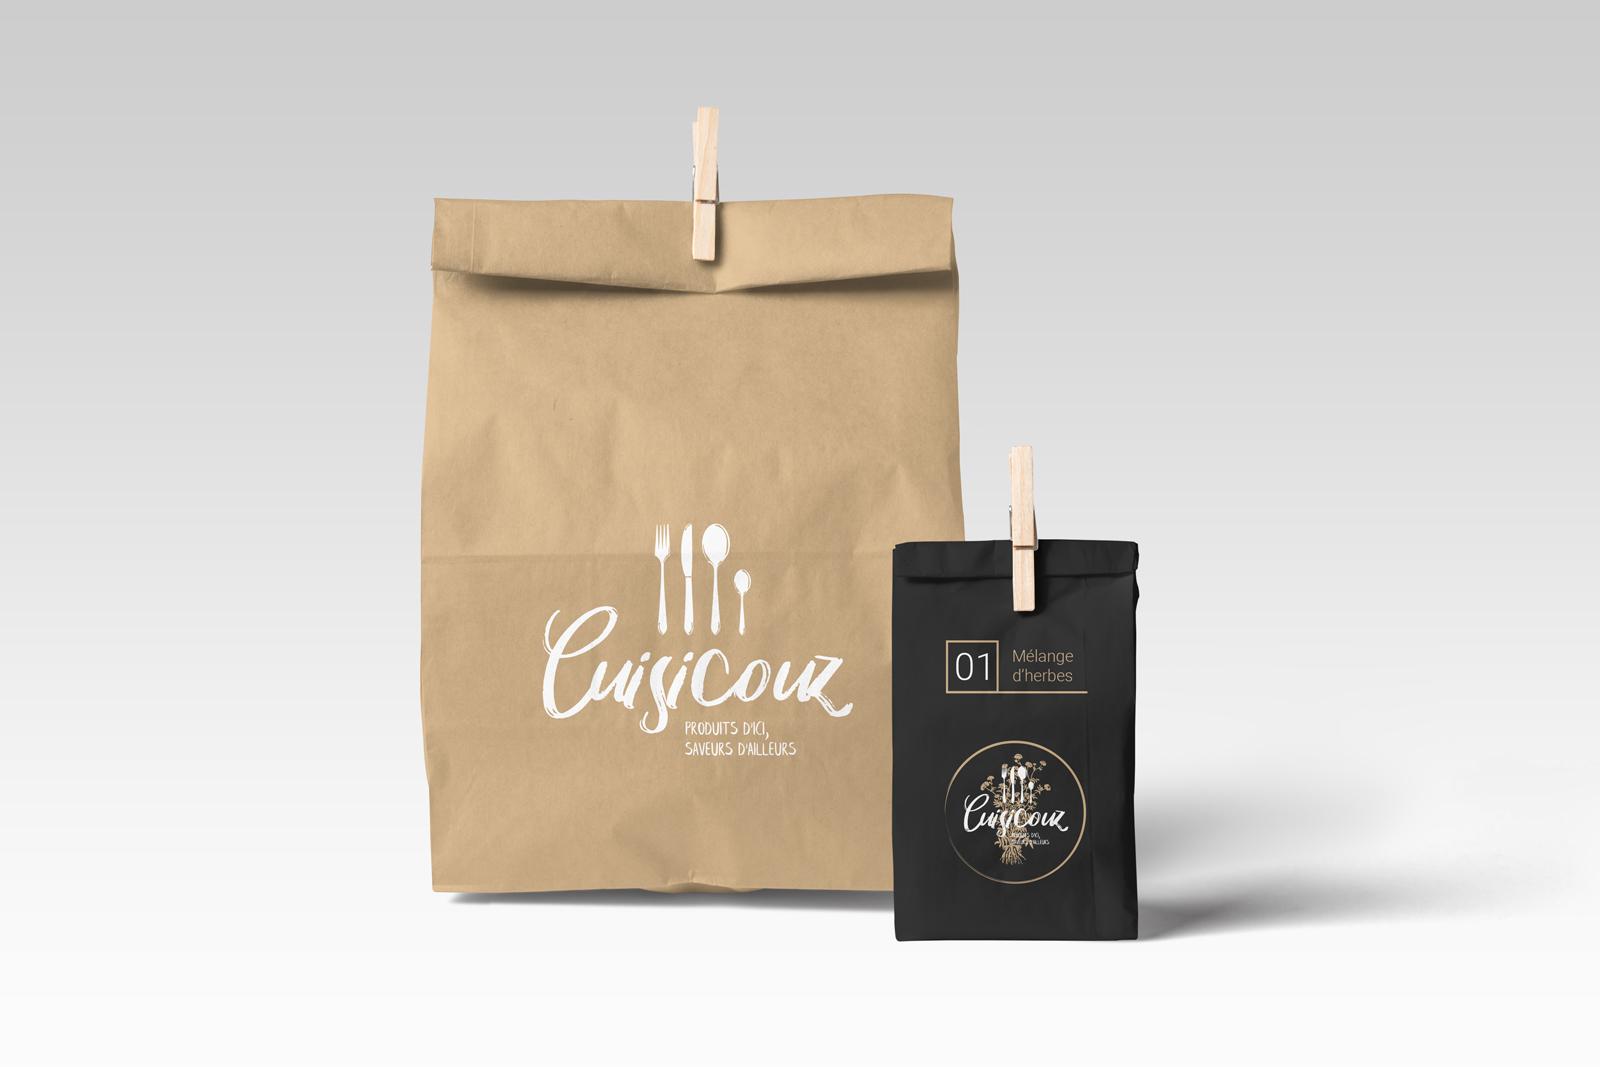 Paper-Bag-Cuisicouz-v2-web.jpg